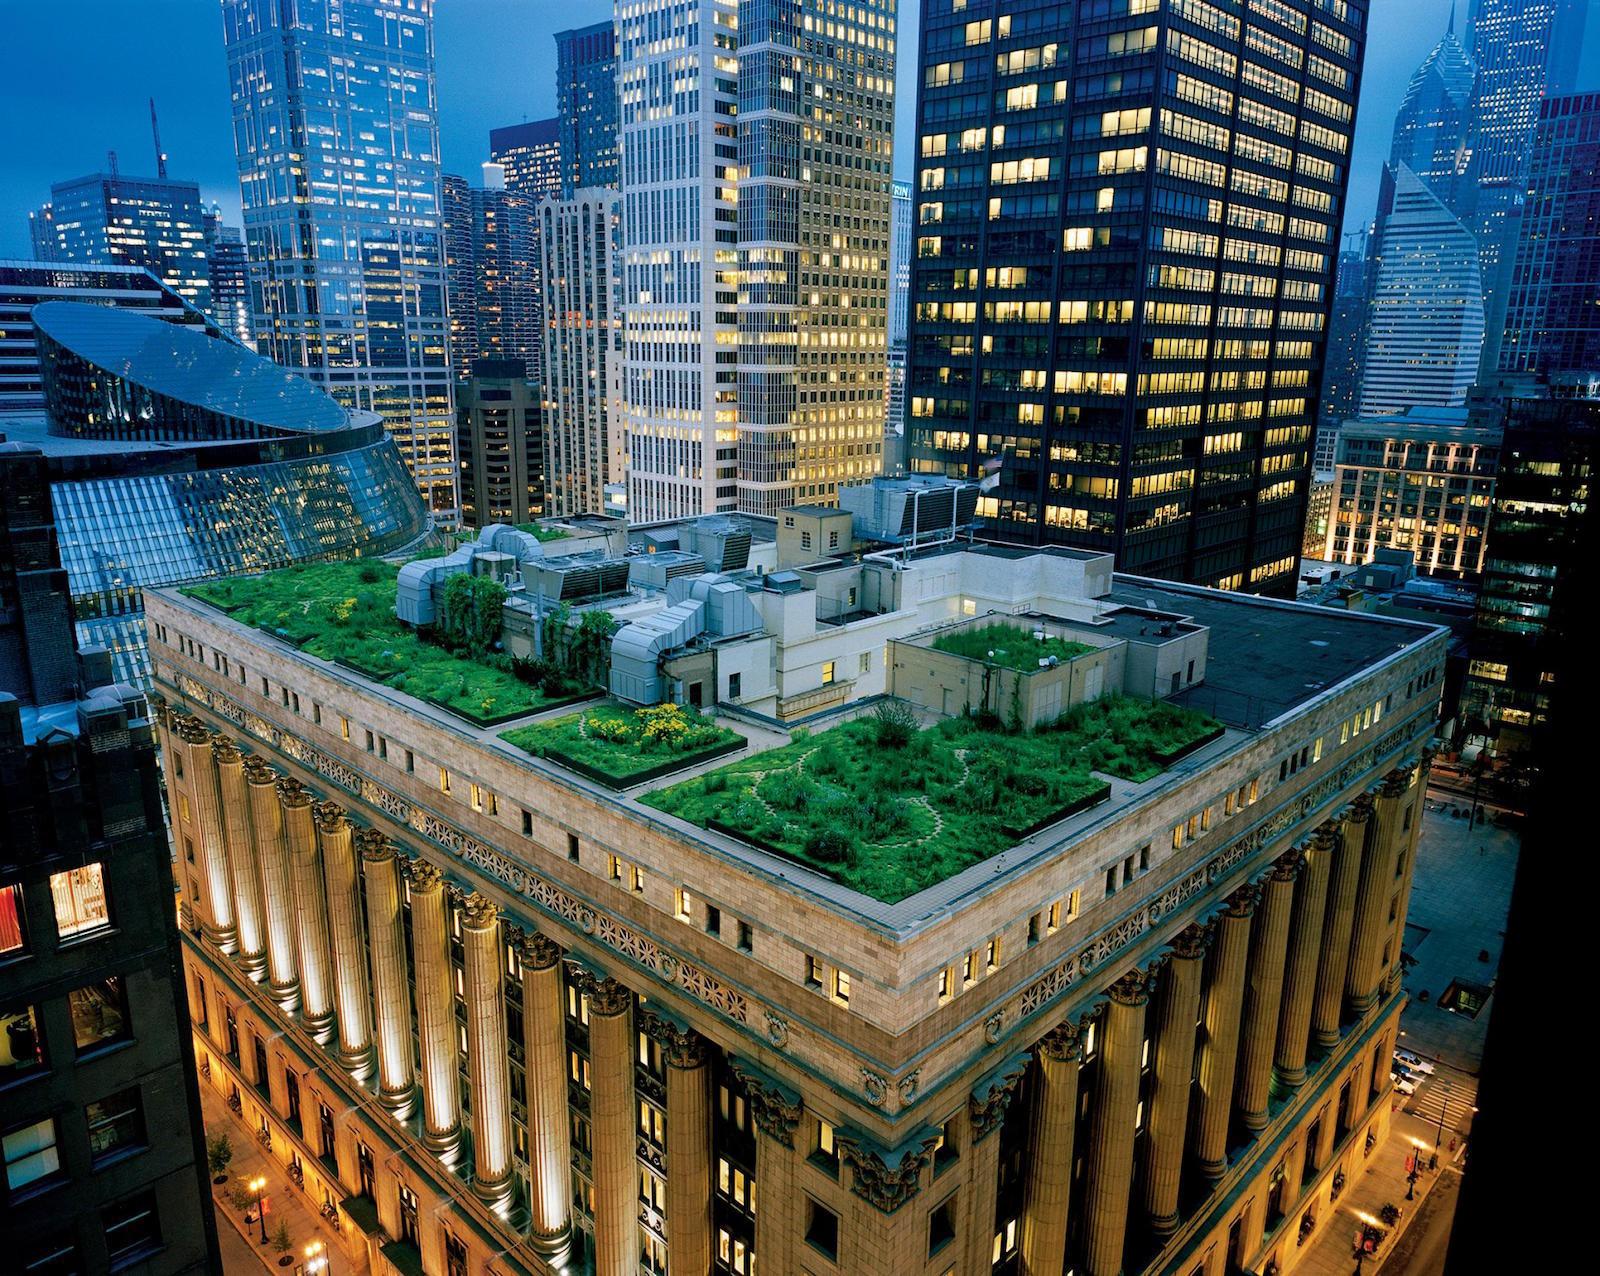 groene-daken-verspreiden-zich-over-de-wereld-4150